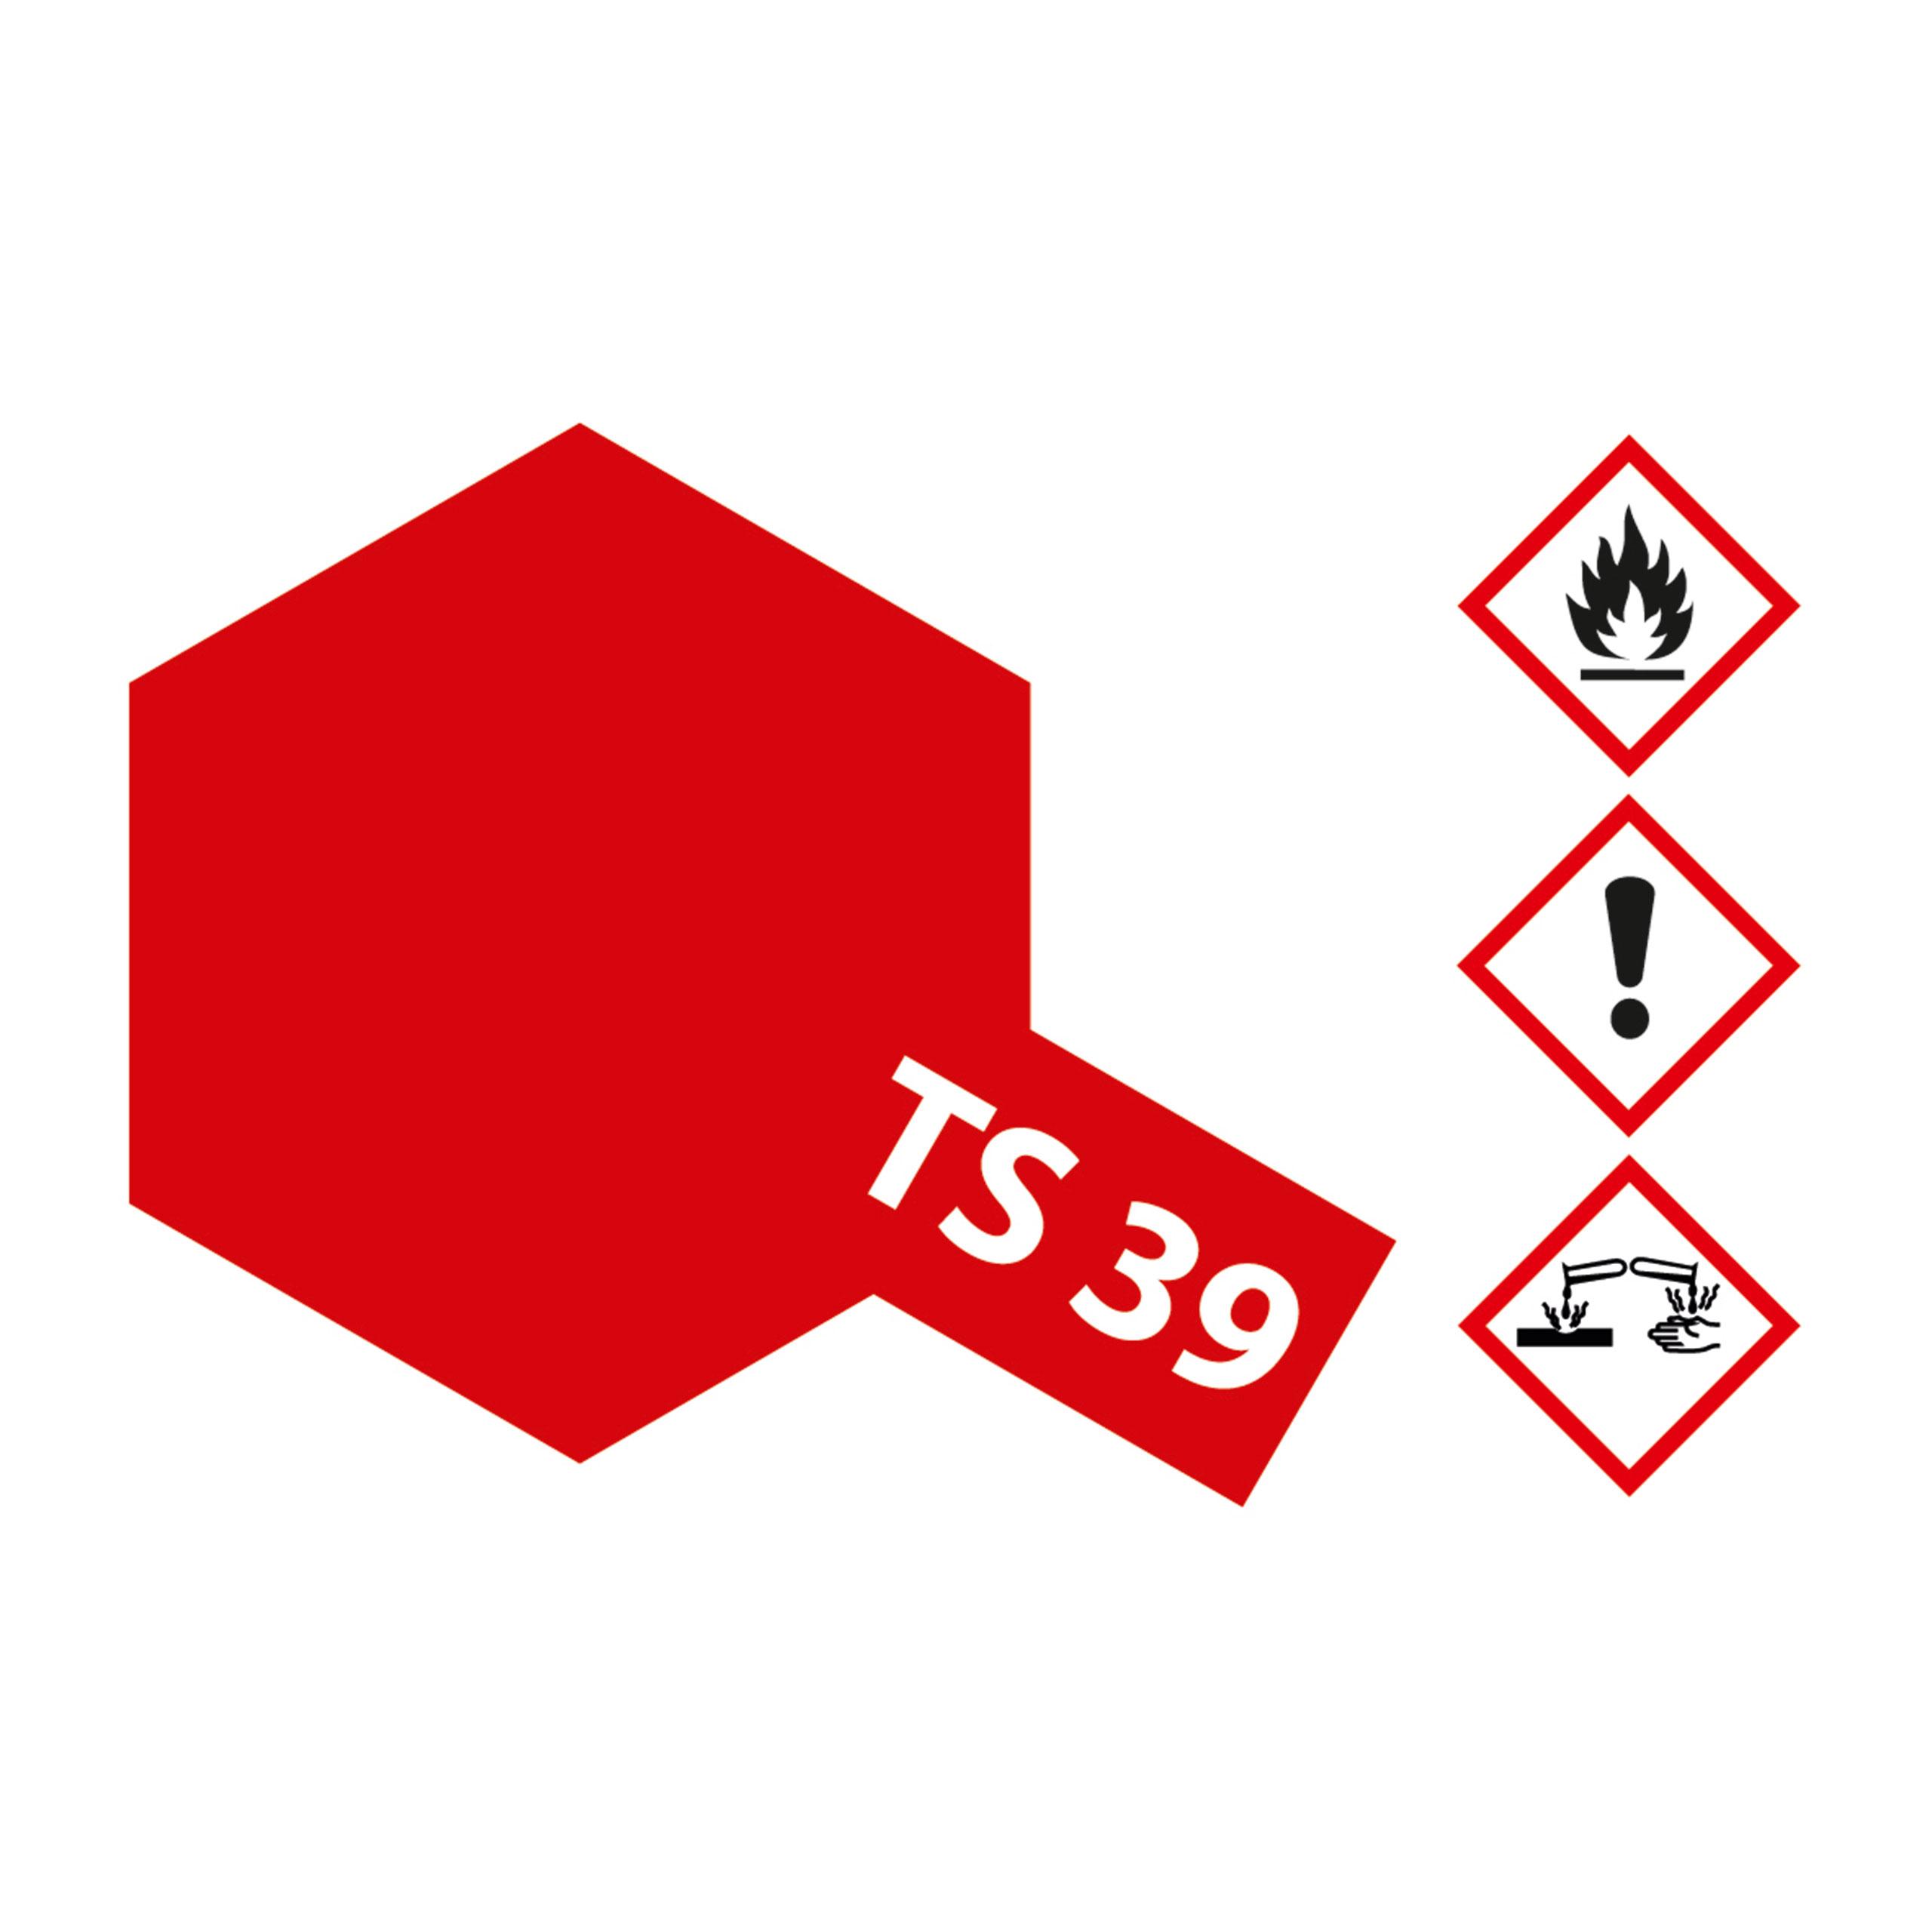 TS-39 Mica Rot - Glimmer - glaenzend - 100ml Sprayfarbe Kunstharz Tamiya 300085039